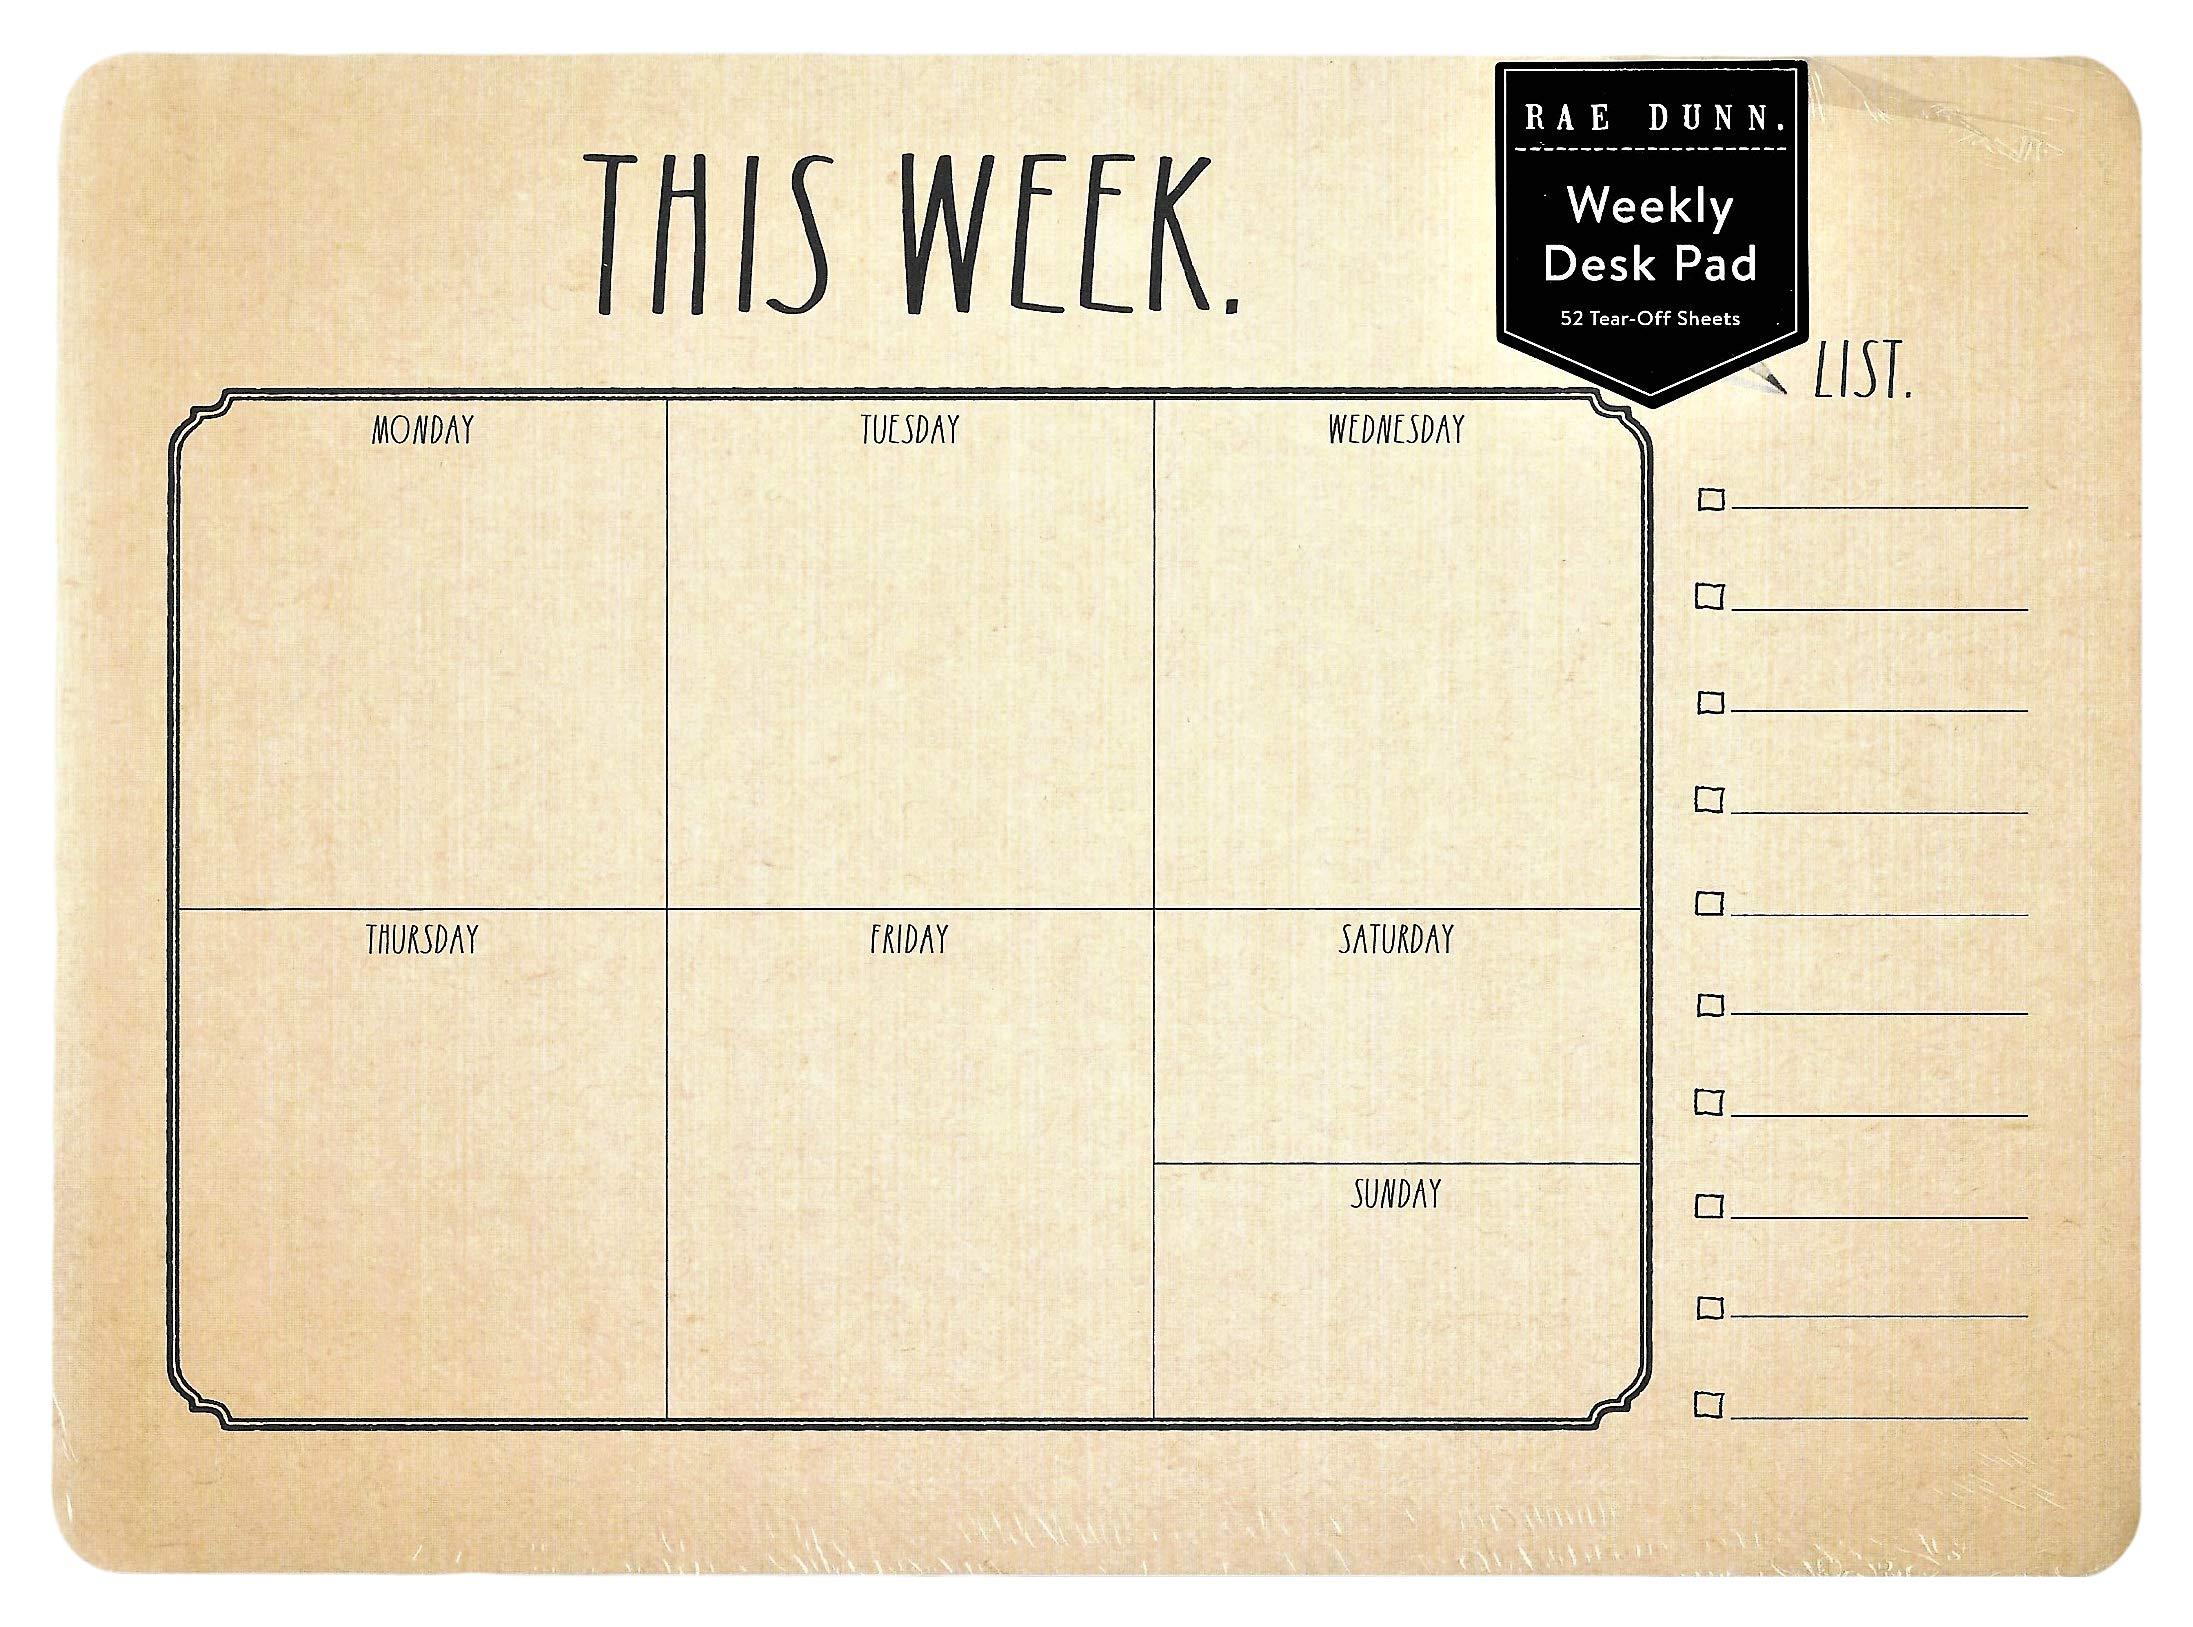 Rae Dunn Weekly Desk Calendar This Week